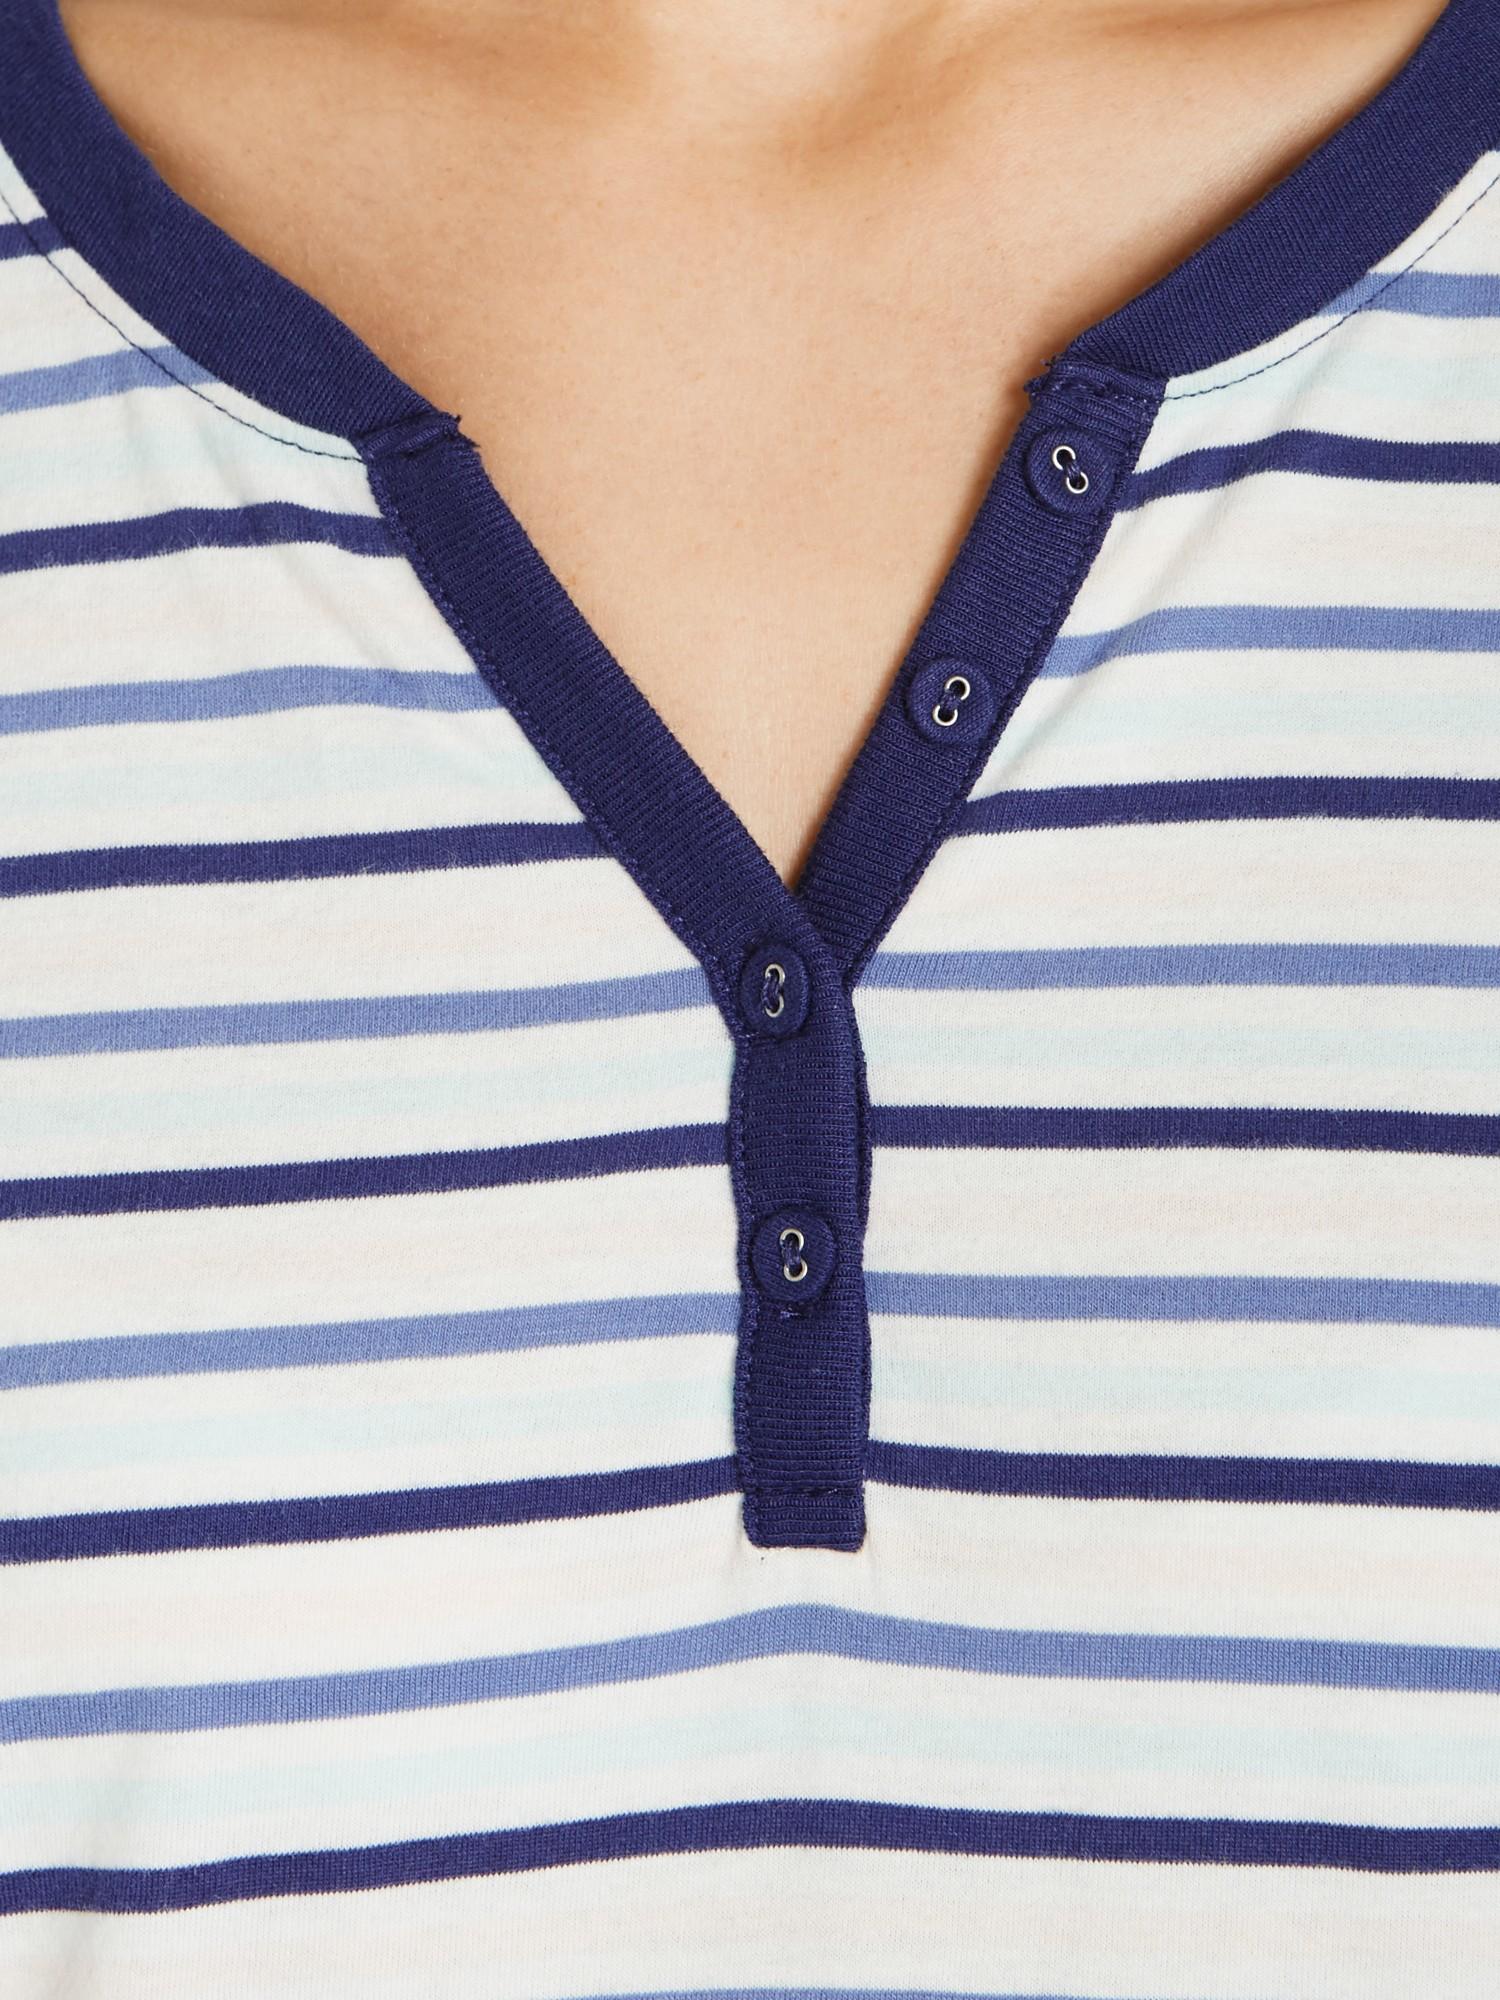 Lyst - John lewis Stripe Jersey Long Sleeve Nightdress f7ecc77e3